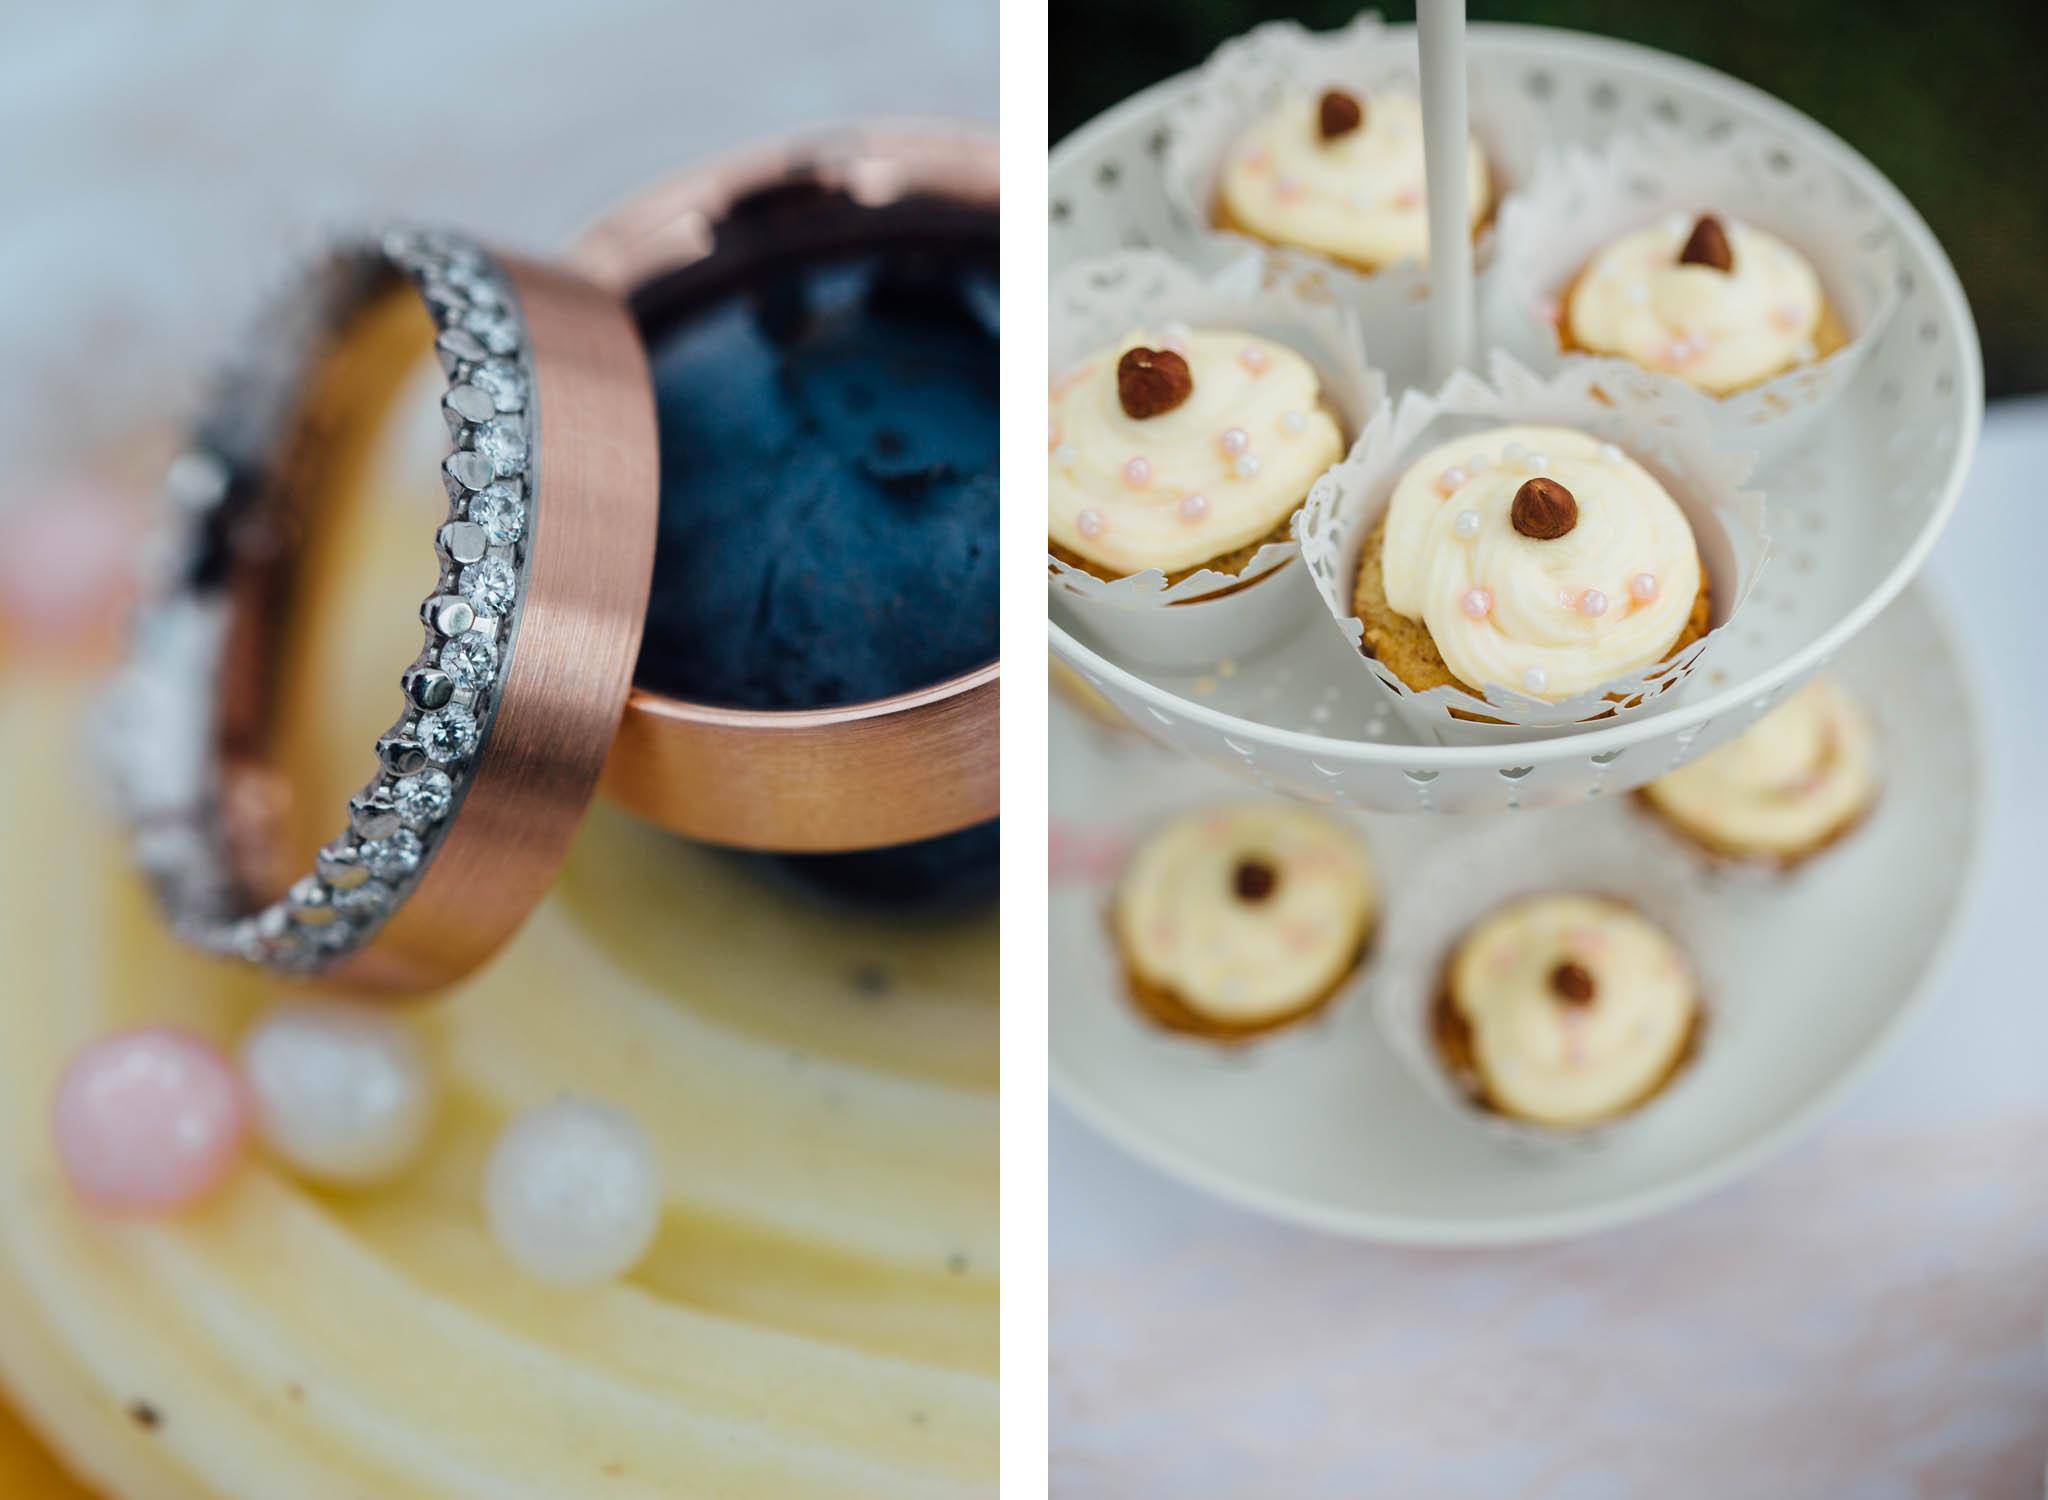 hochzeit-ringe-fotos-cupcakes